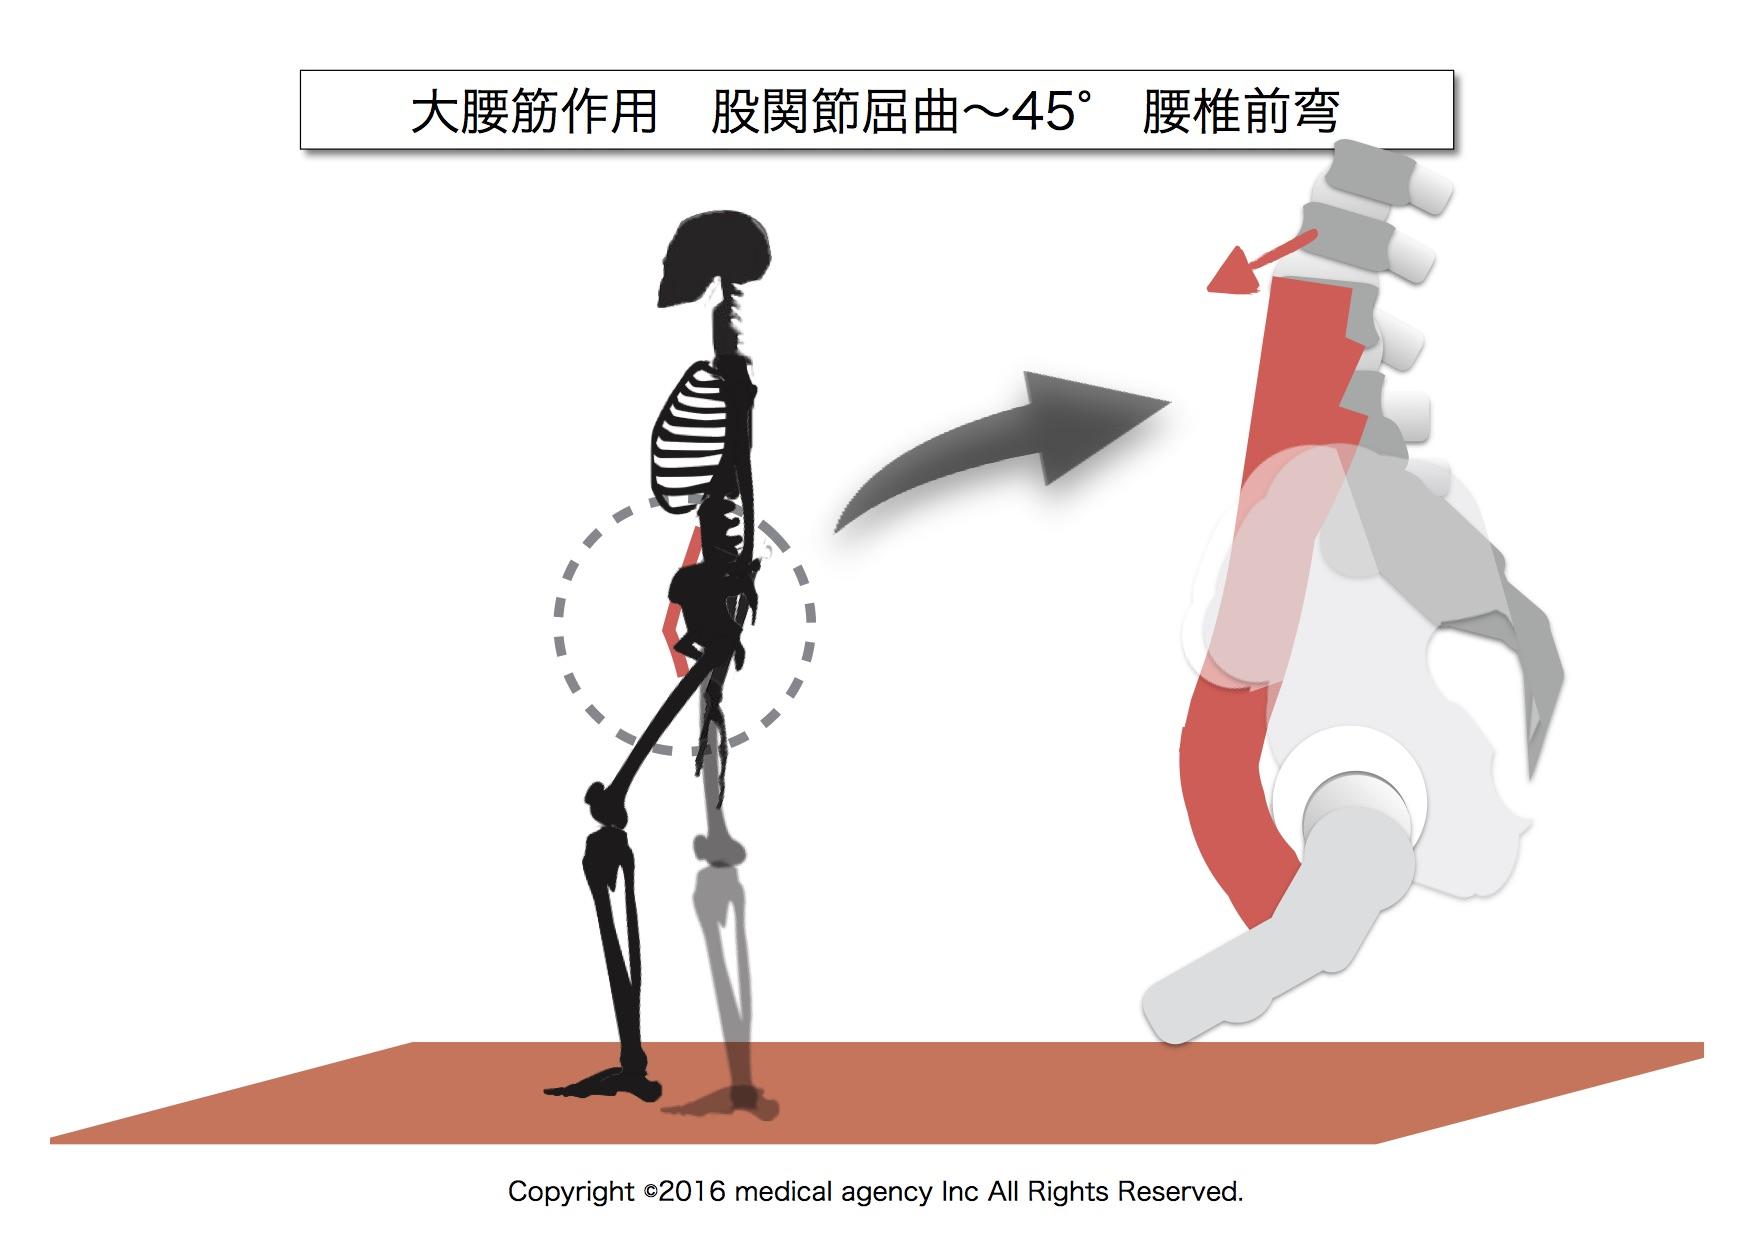 大腰筋 股関節屈曲40